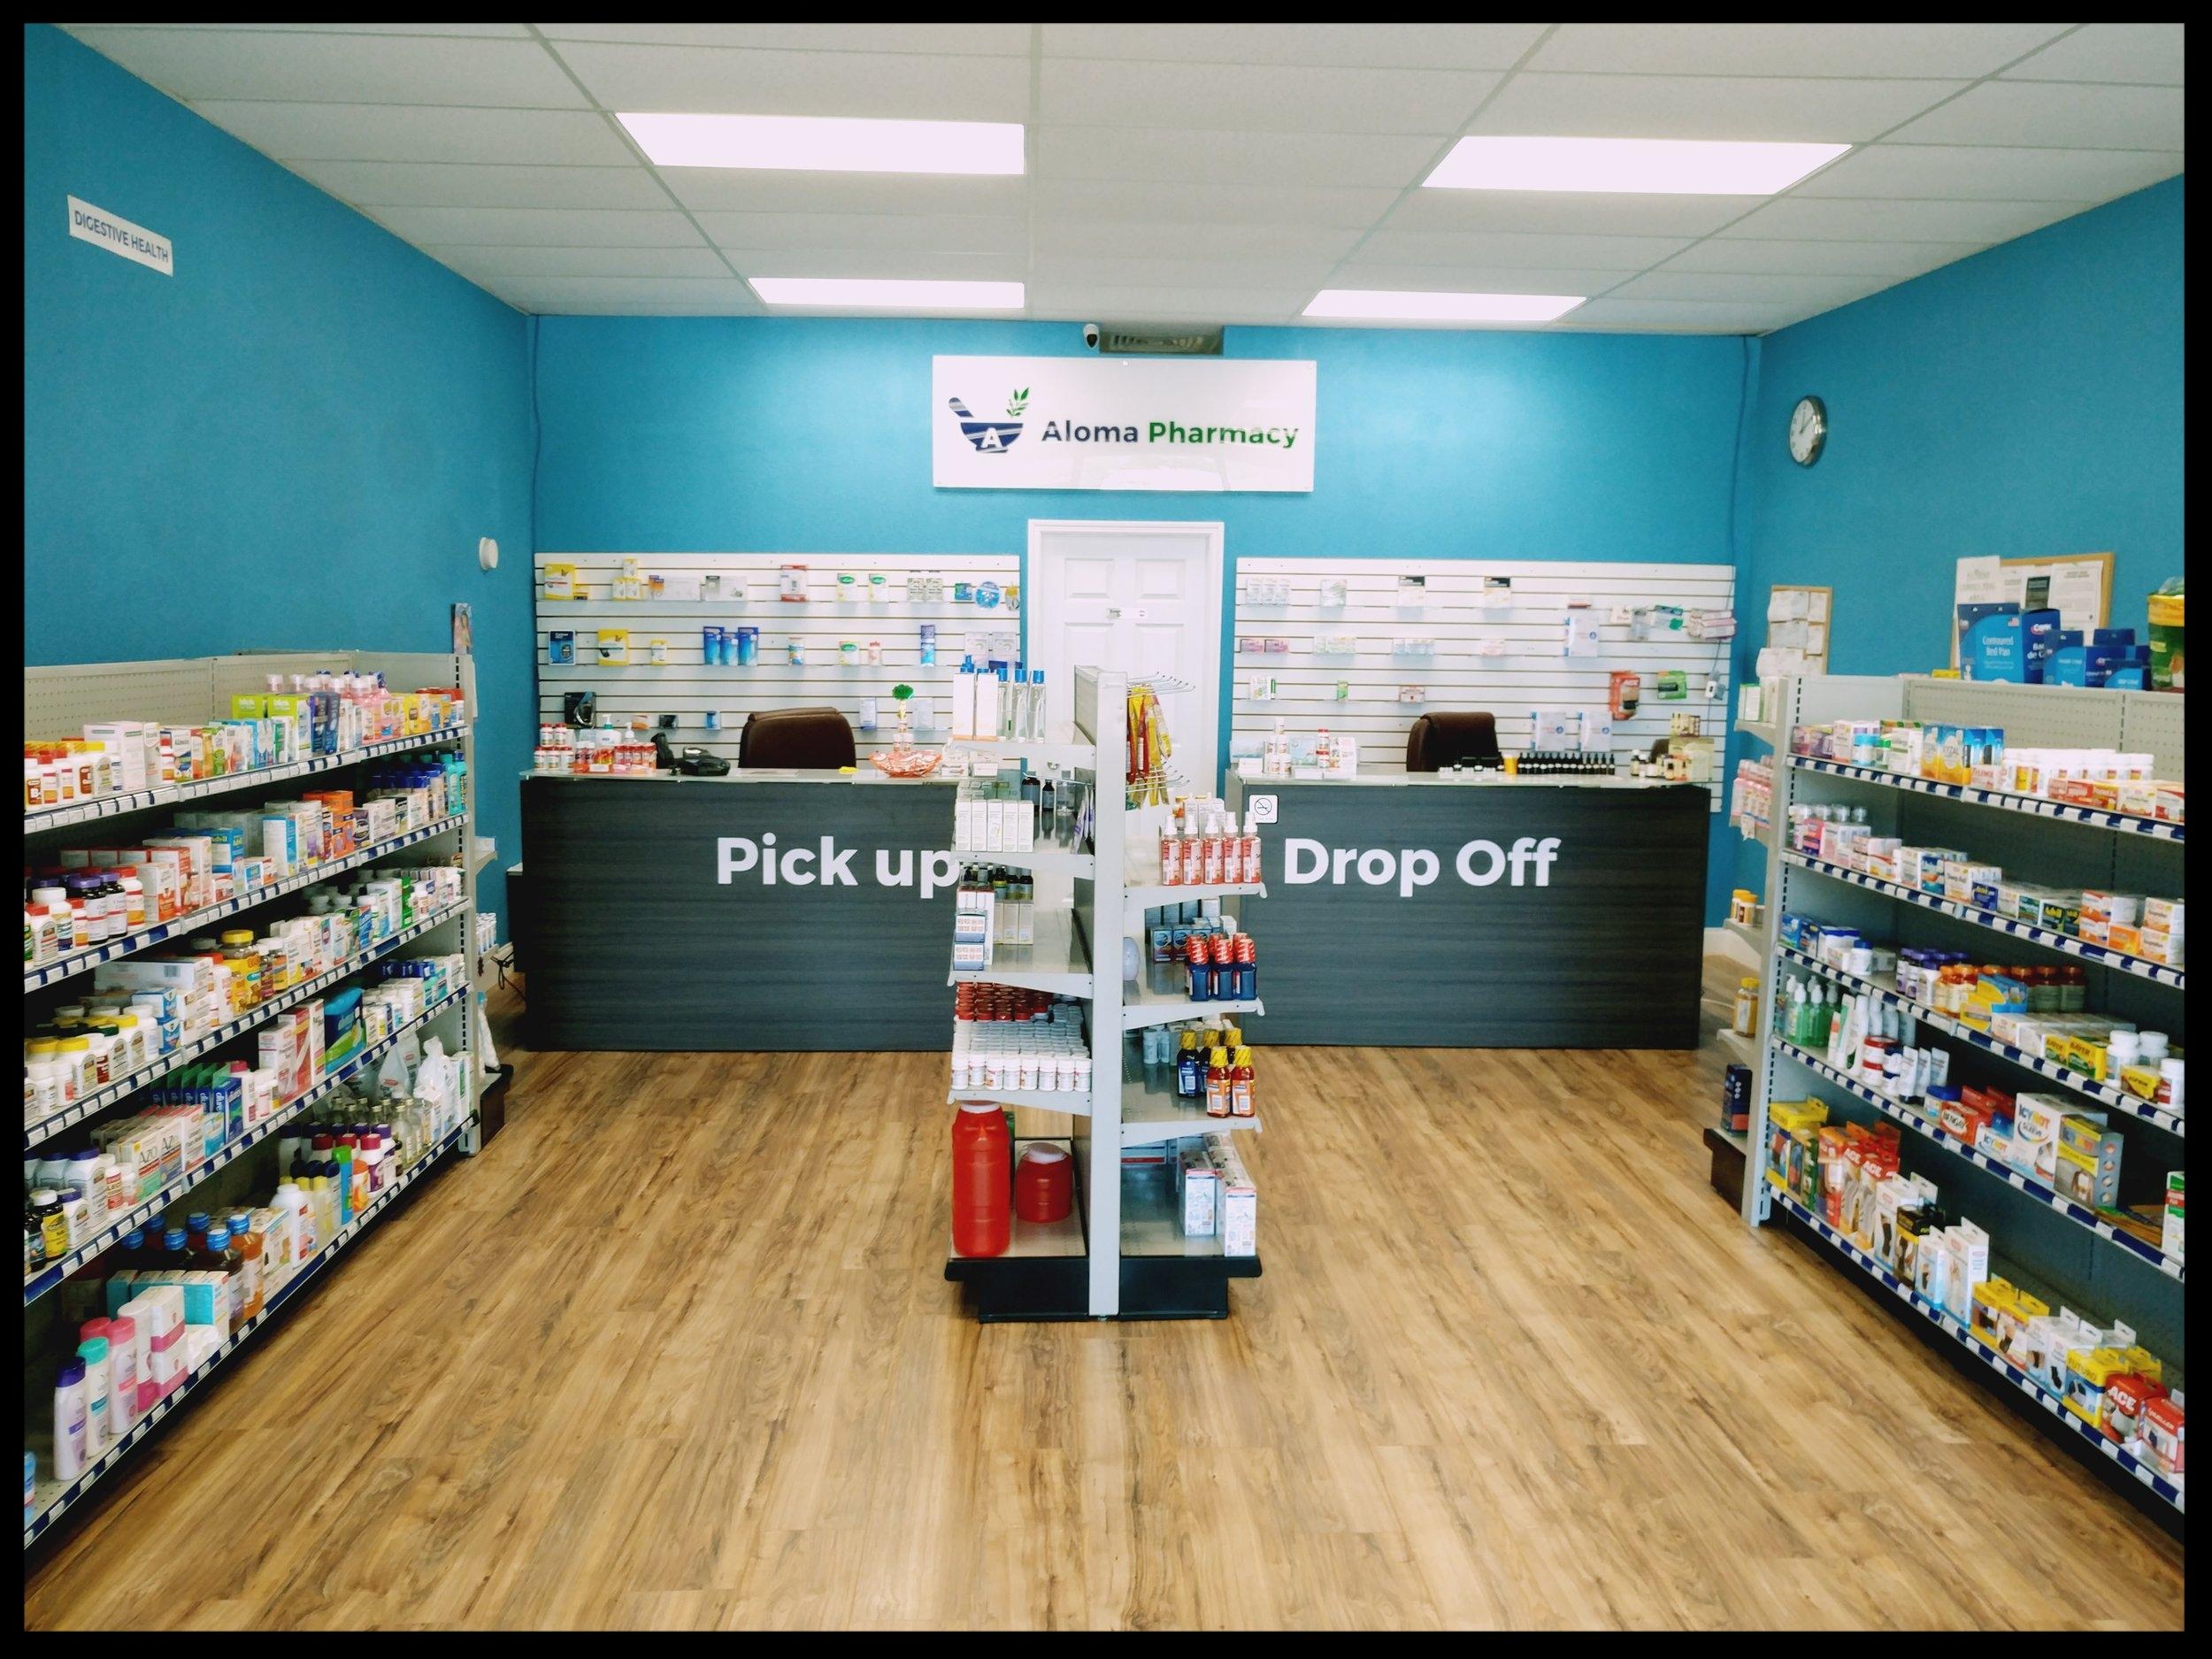 Inside Aloma Pharmacy